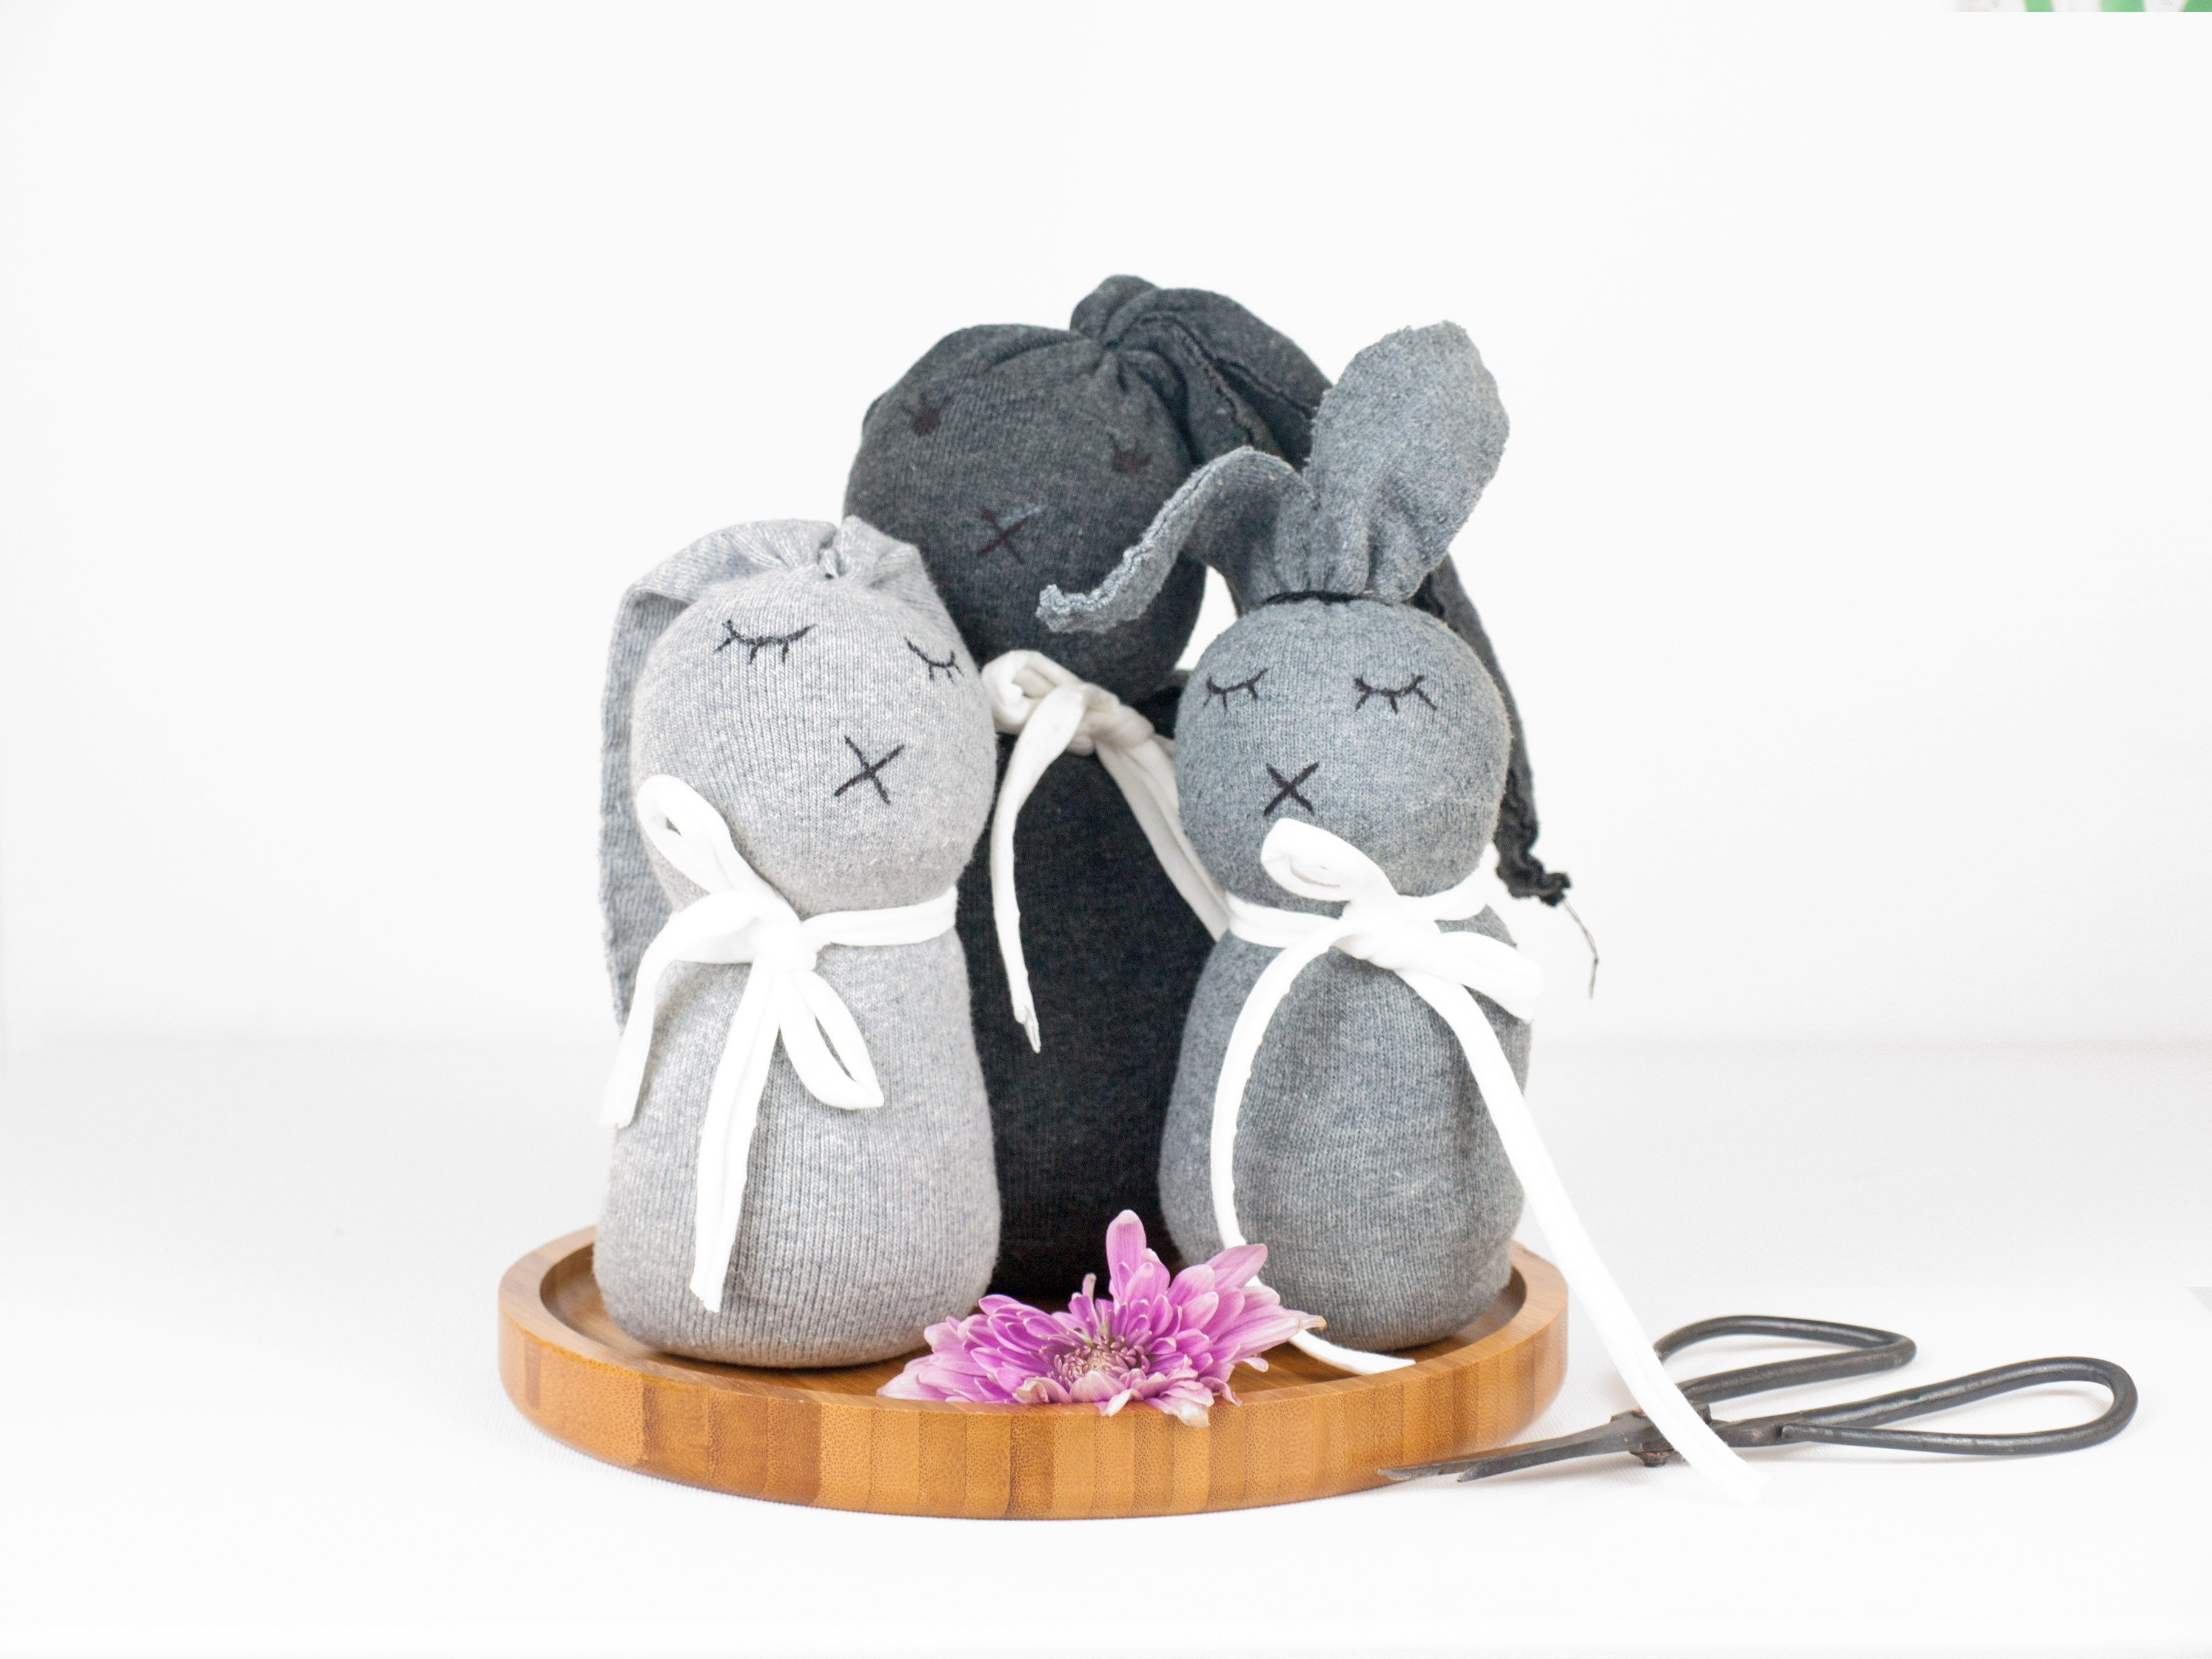 neu kaninchen spielzeug selbst machen anleitung tierspielzeug. Black Bedroom Furniture Sets. Home Design Ideas